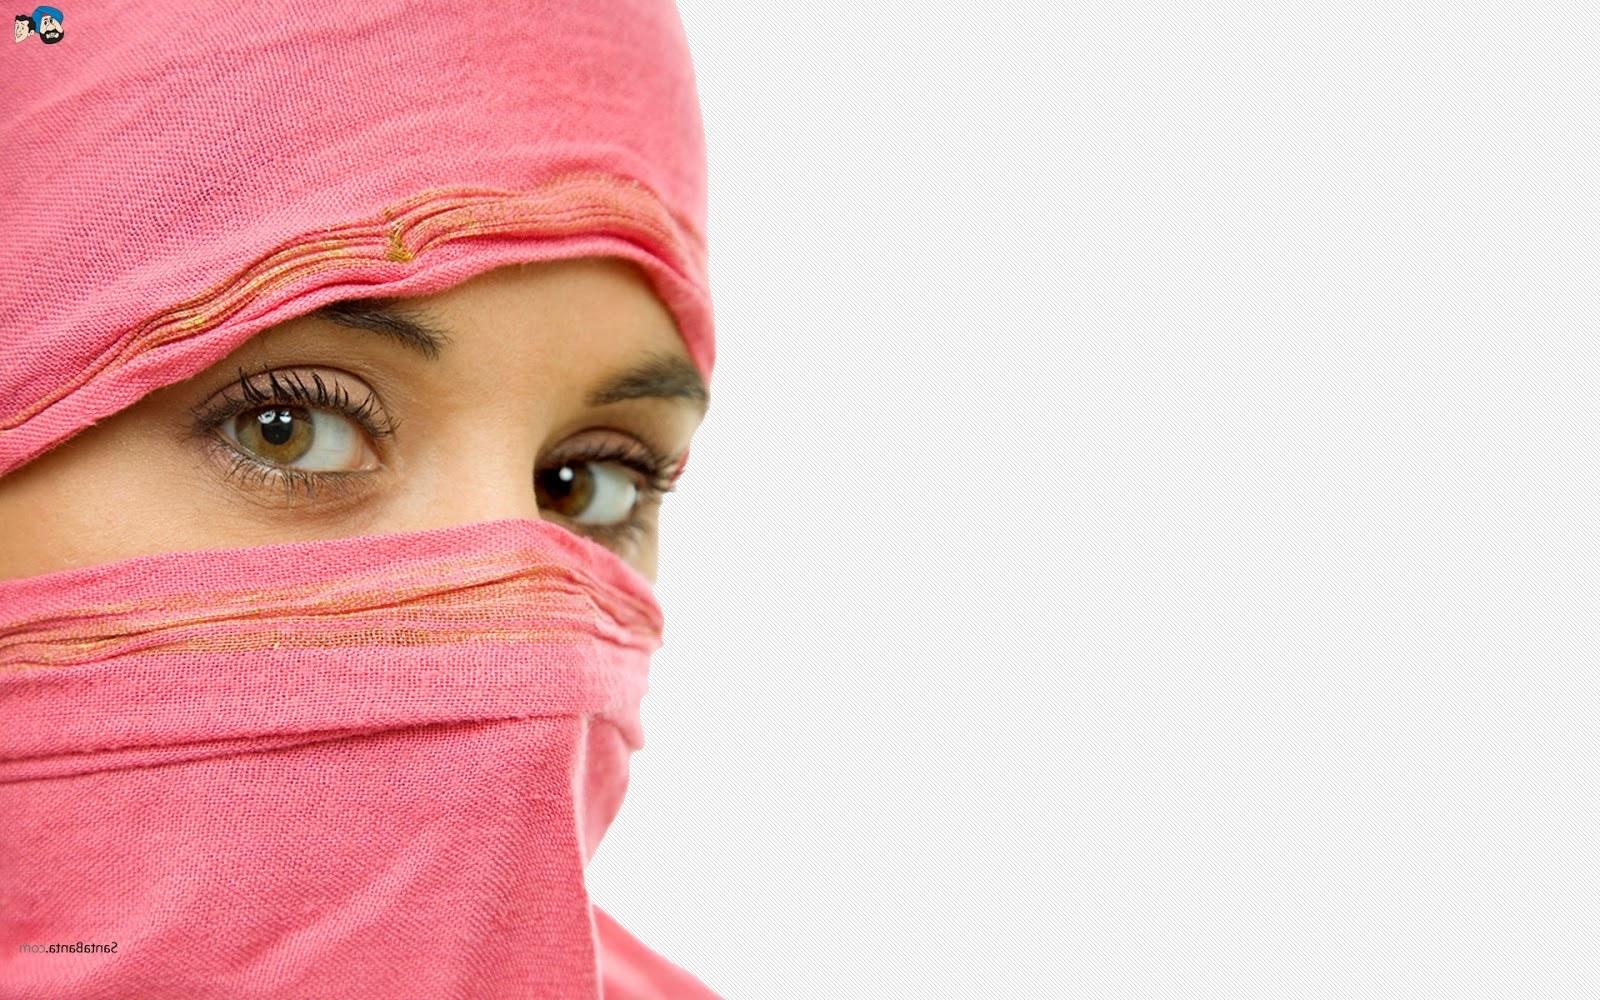 Design Muslimah Bercadar Cantik S1du Koleksi Wallpaper Wanita Muslimah Bercadar Fauzi Blog